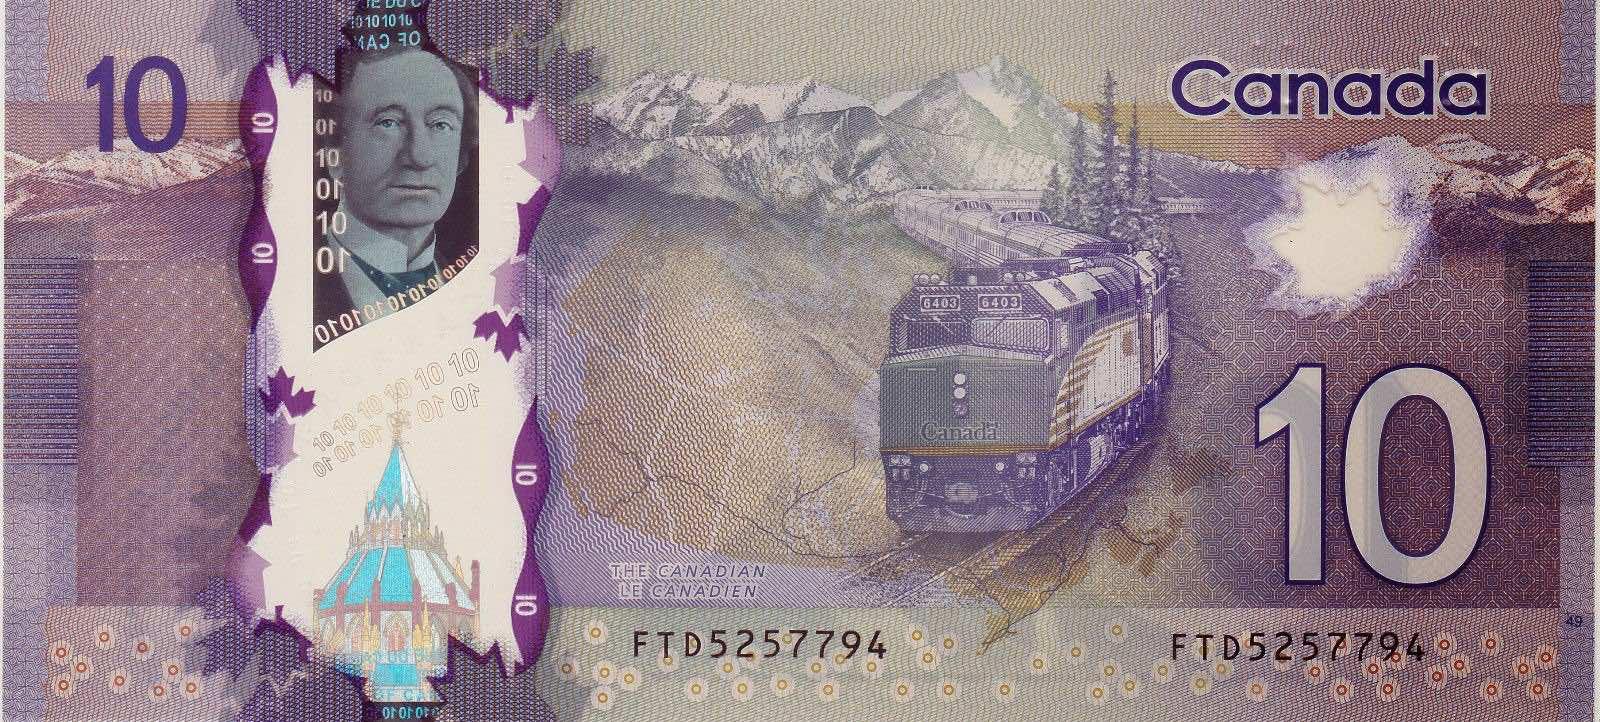 canada-10-dollar-polymer-bill-2013